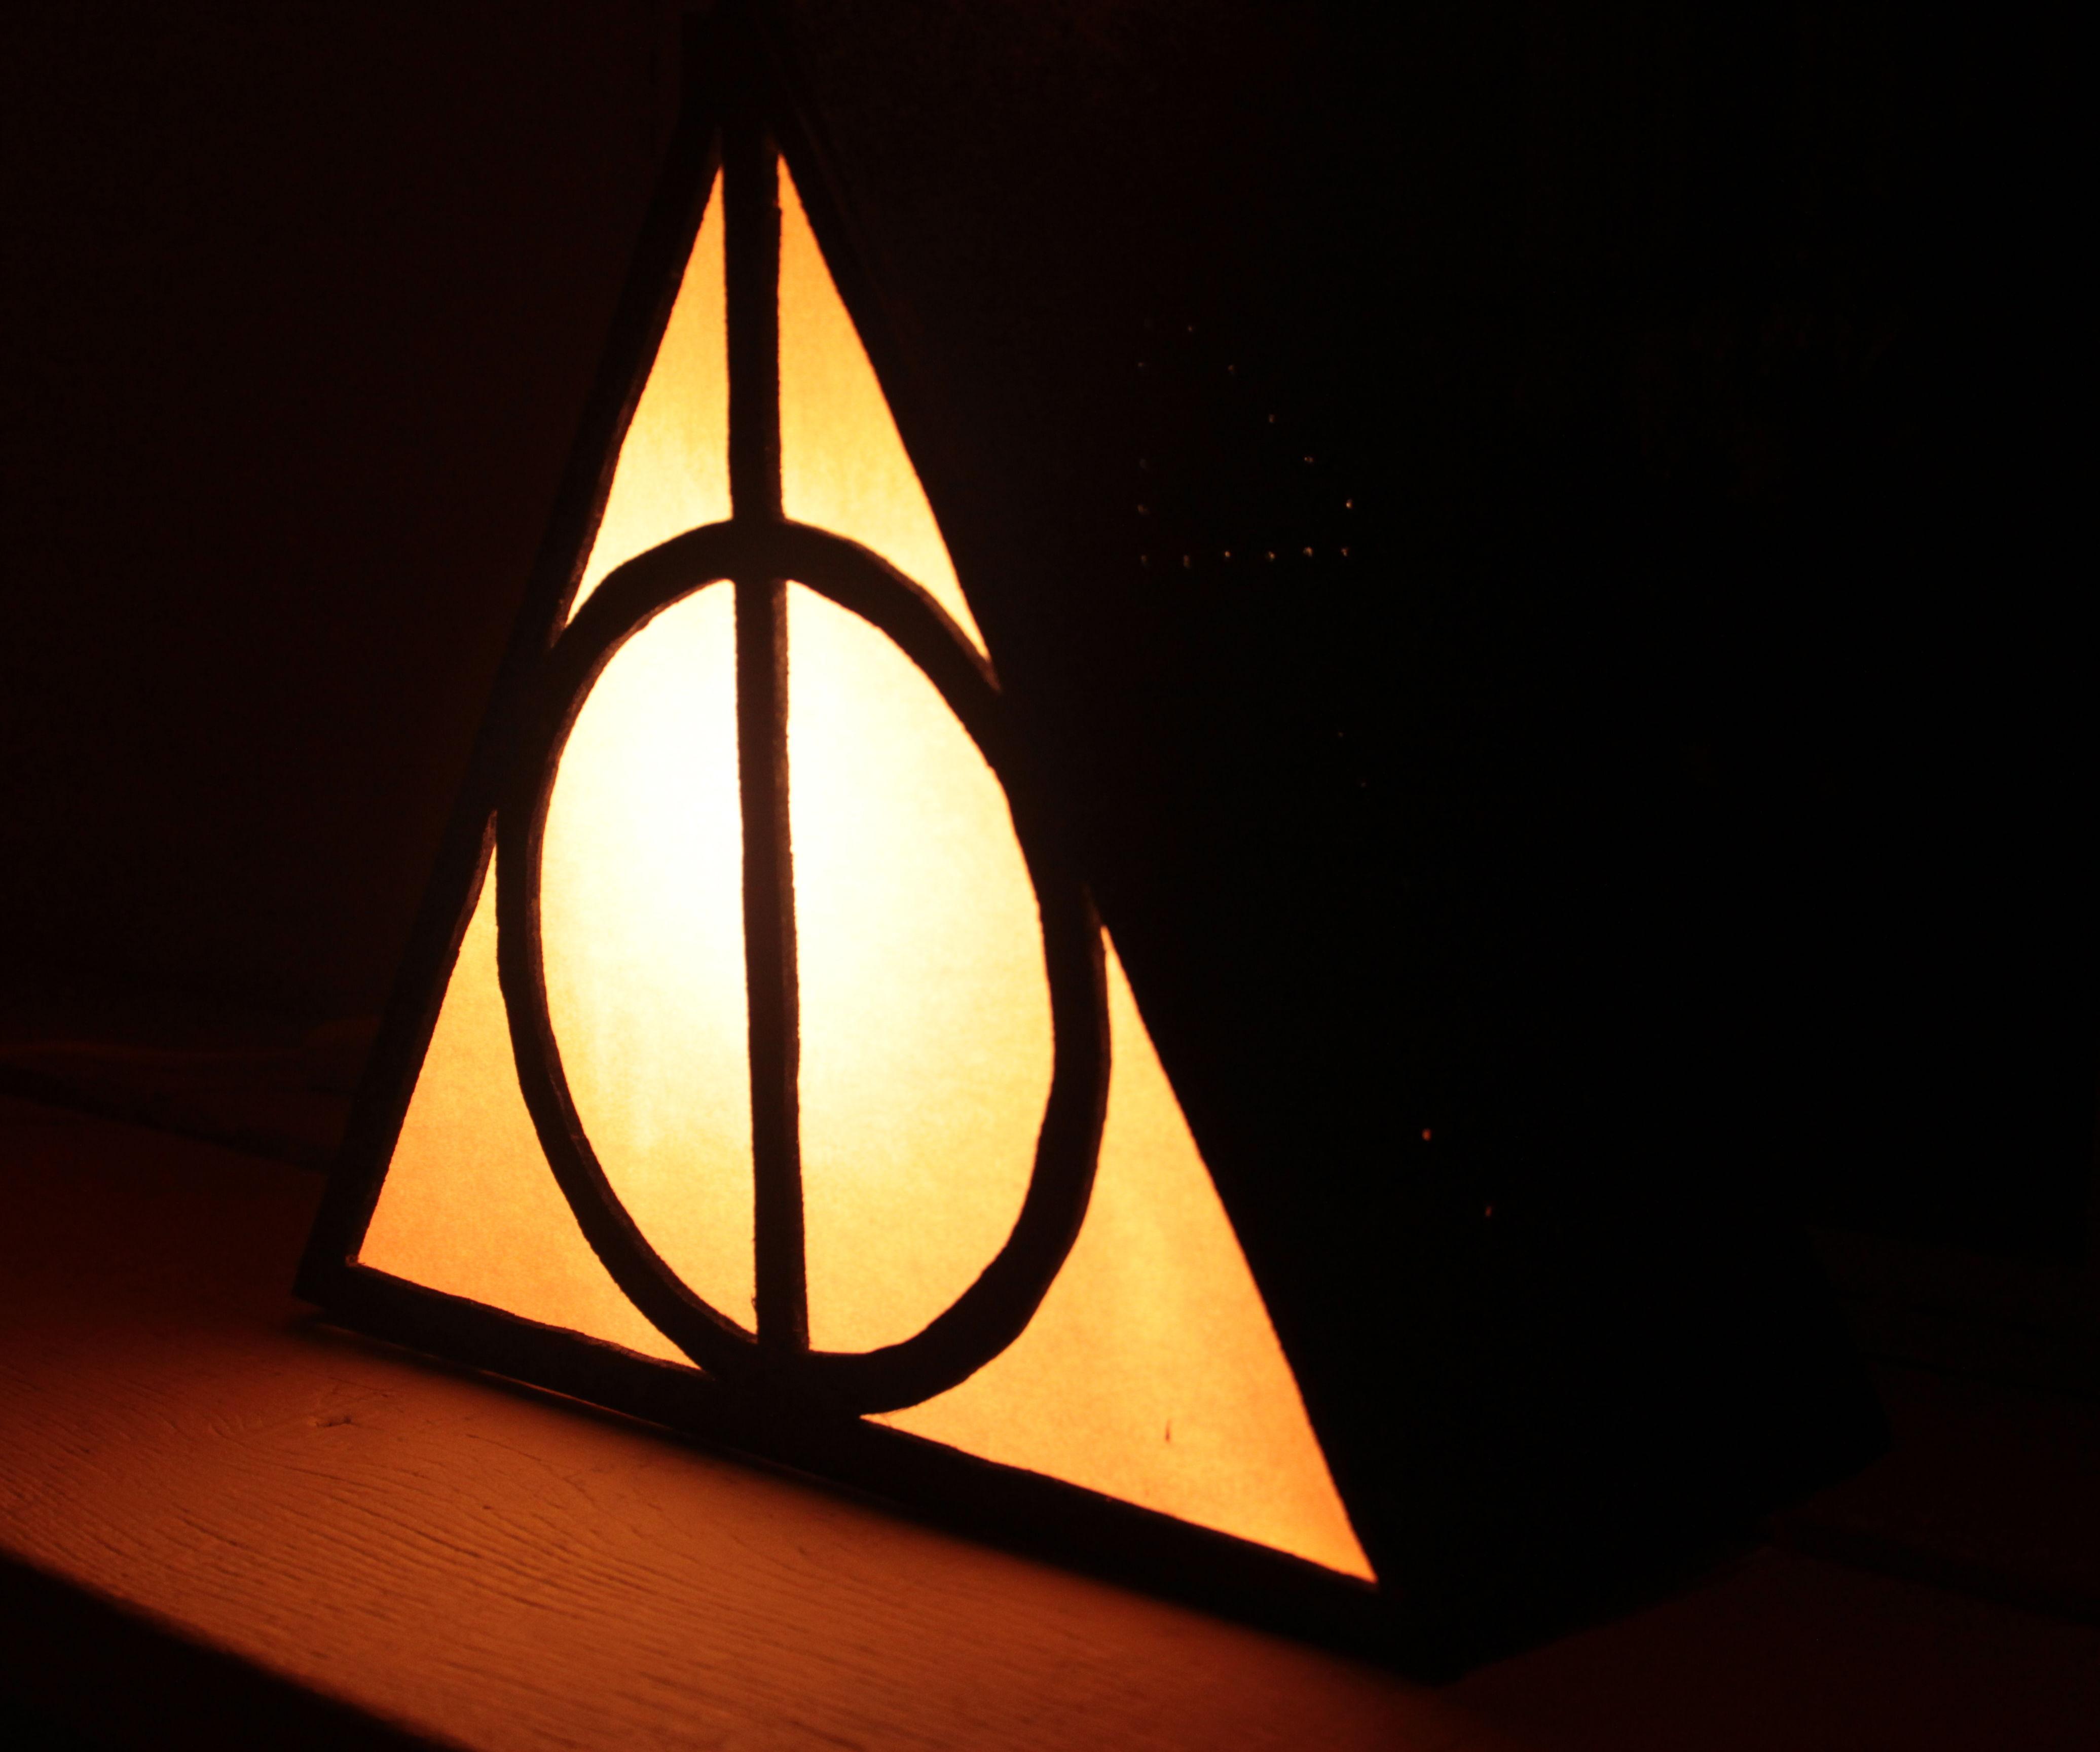 Deathly Hallows Lamp / Lampe des reliques de la mort